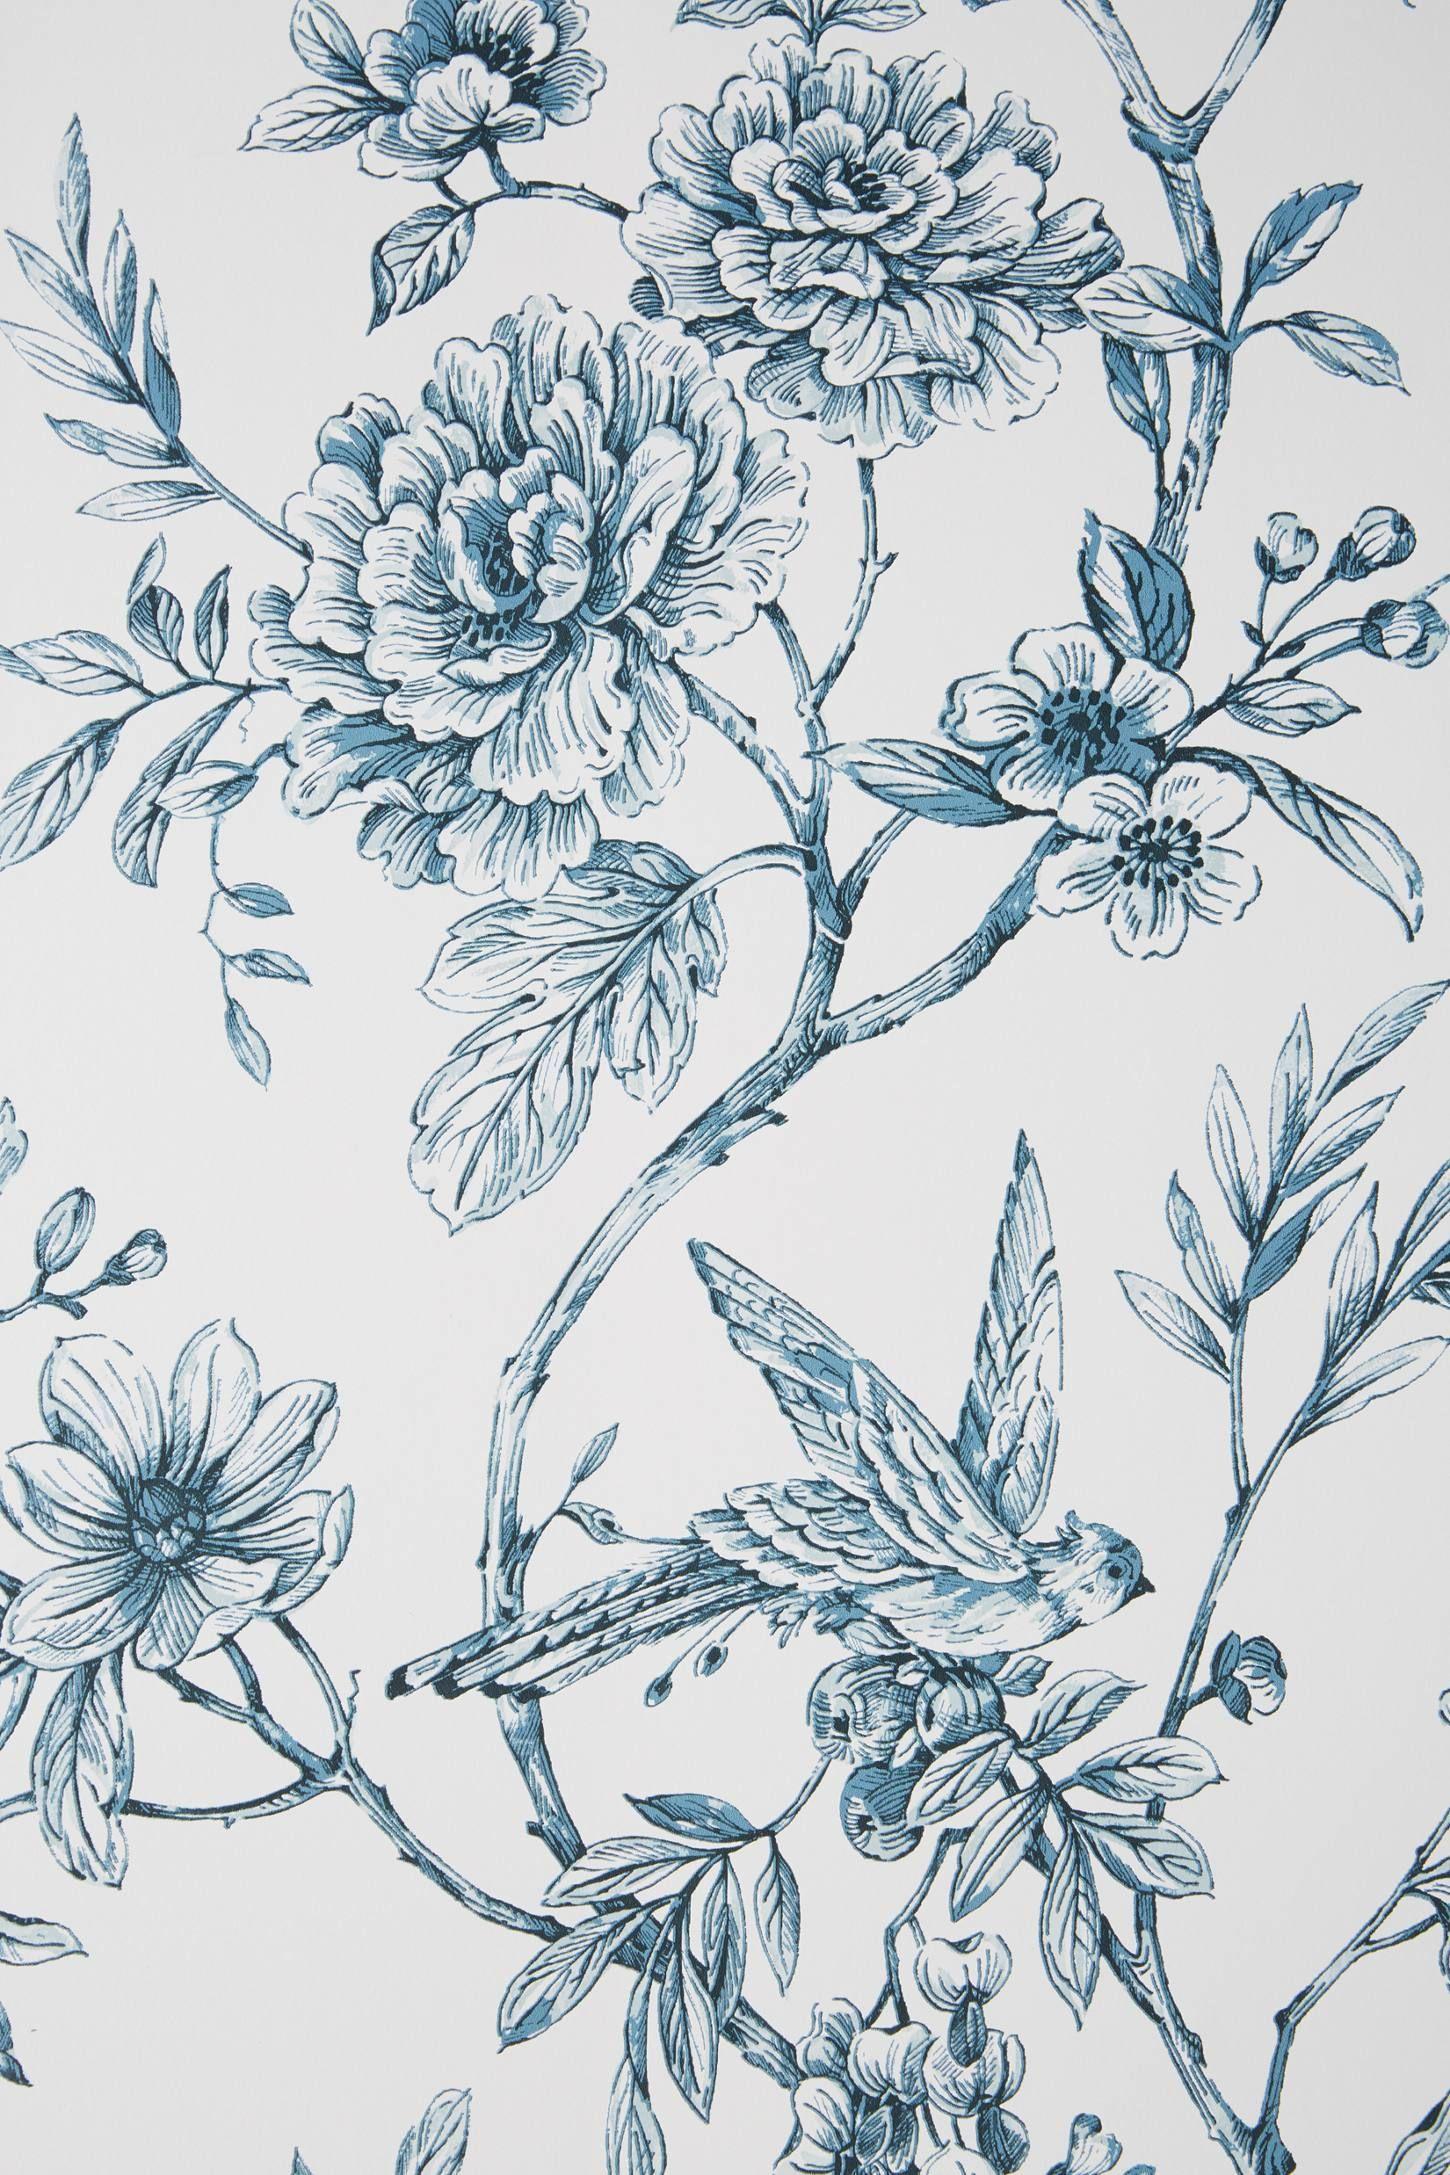 2020 的 Floral Trail Wallpaper by Anthropologie in Black